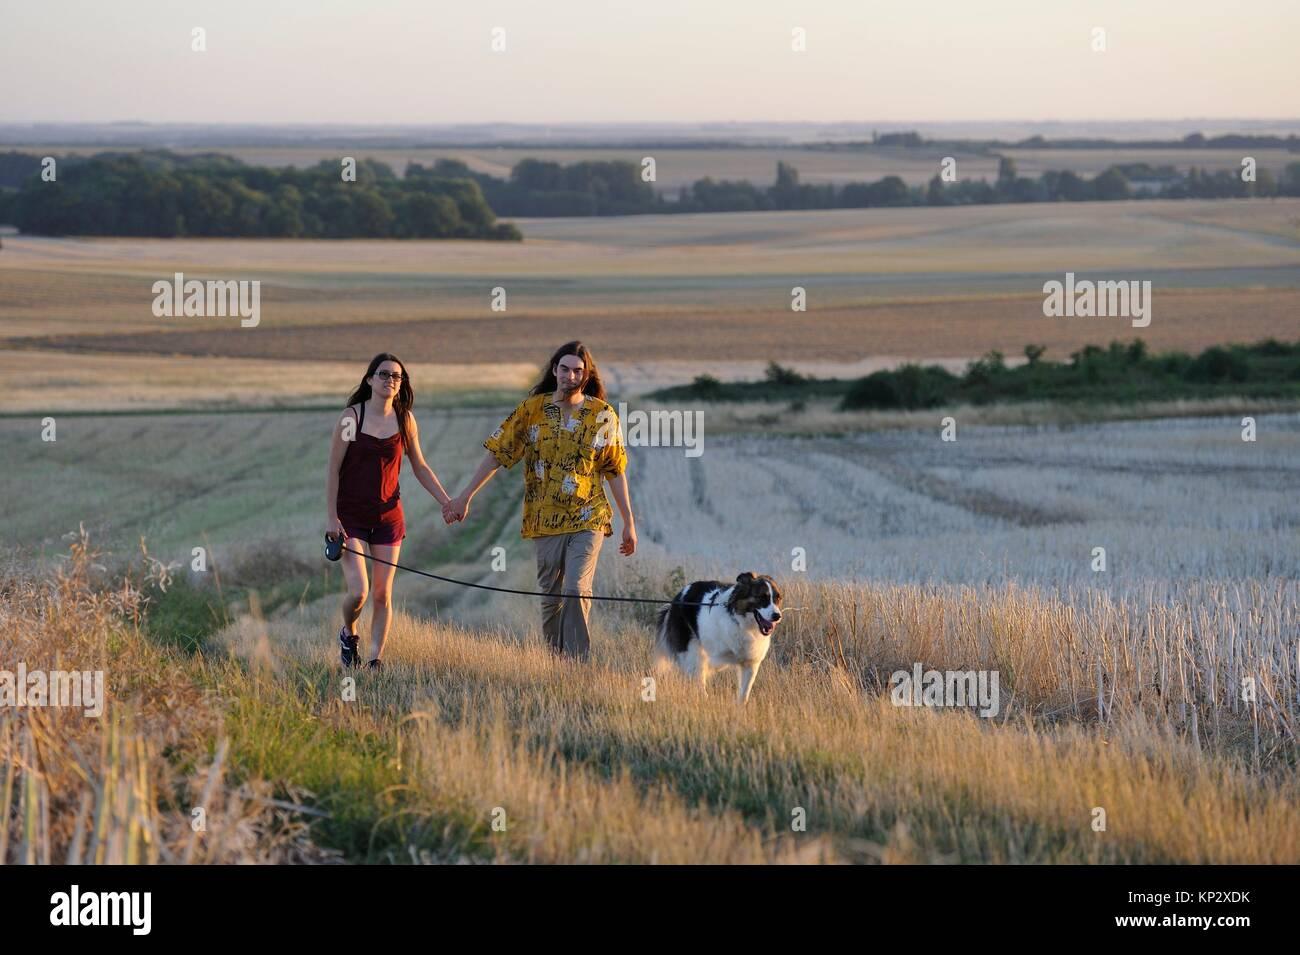 Par de jóvenes caminando con un perro alrededor Mittainville, departamento de Yvelines, la región Ile-de-France, Francia, Europa. Foto de stock